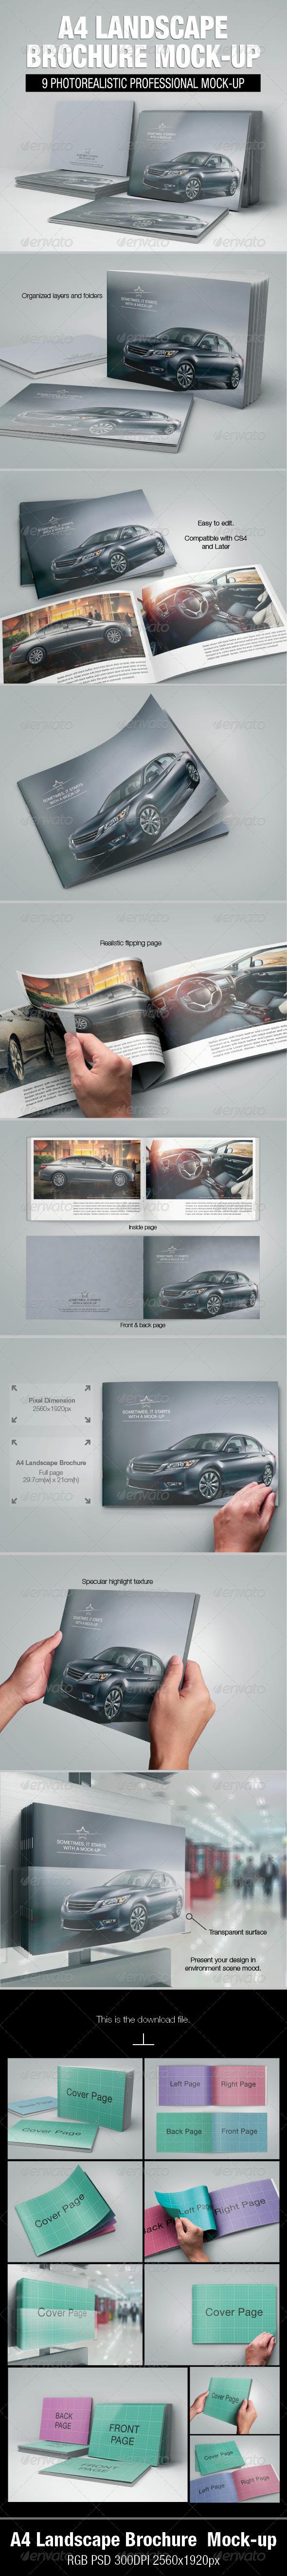 GraphicRiver A4 Landscape Brochure Mock-up 5629158